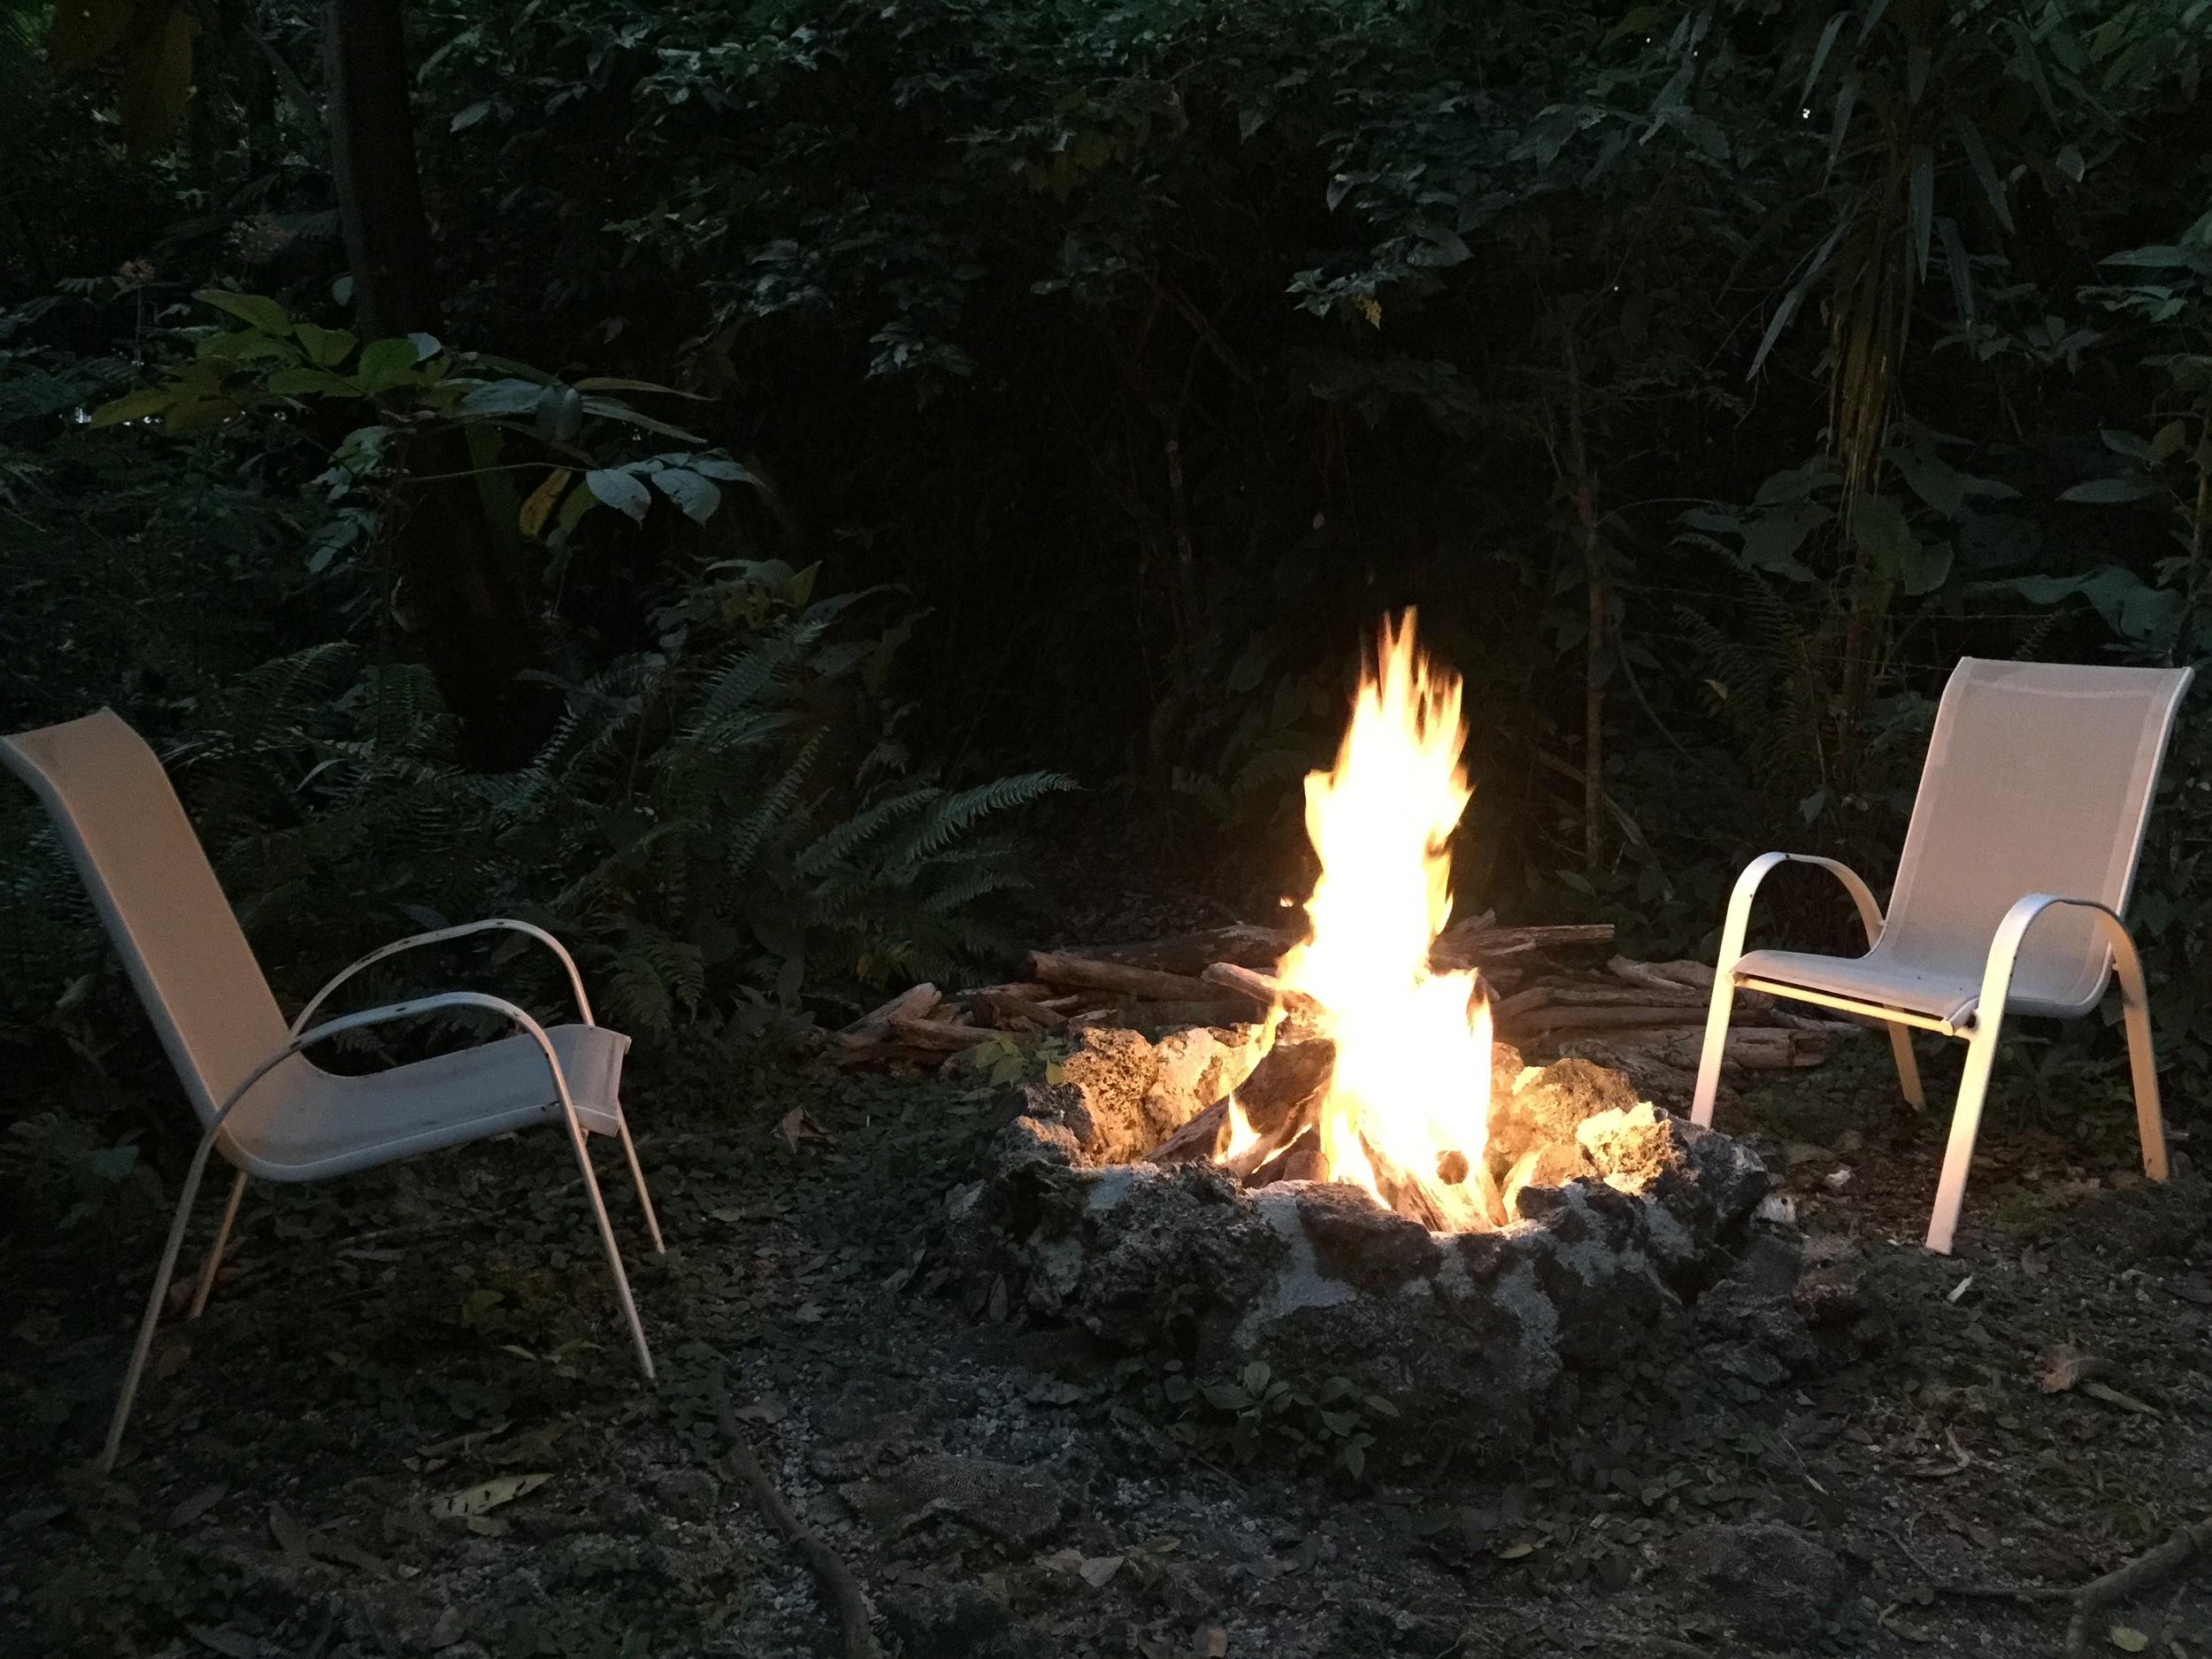 Jungle nights & bonfires